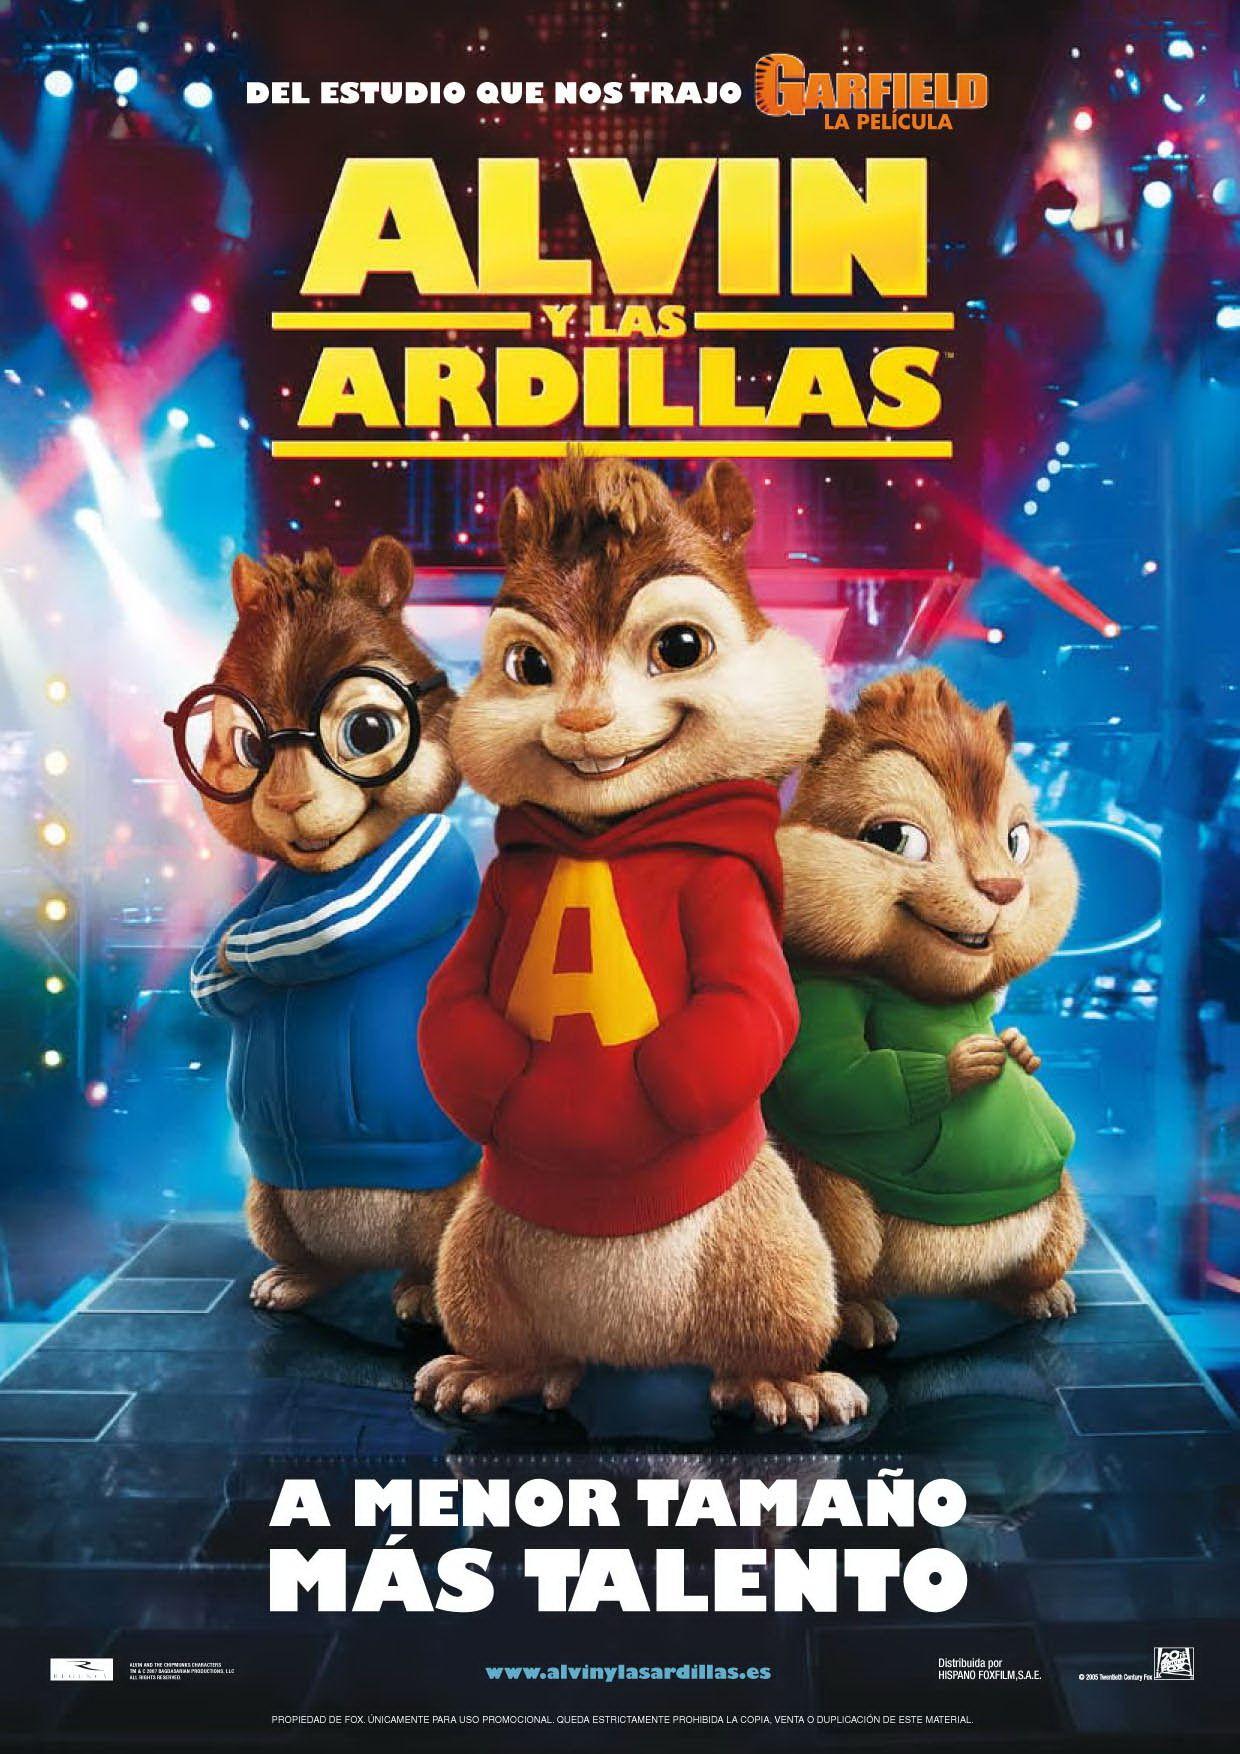 Alvin Y Las Ardillas Peliculas De Estreno Gratis Peliculas